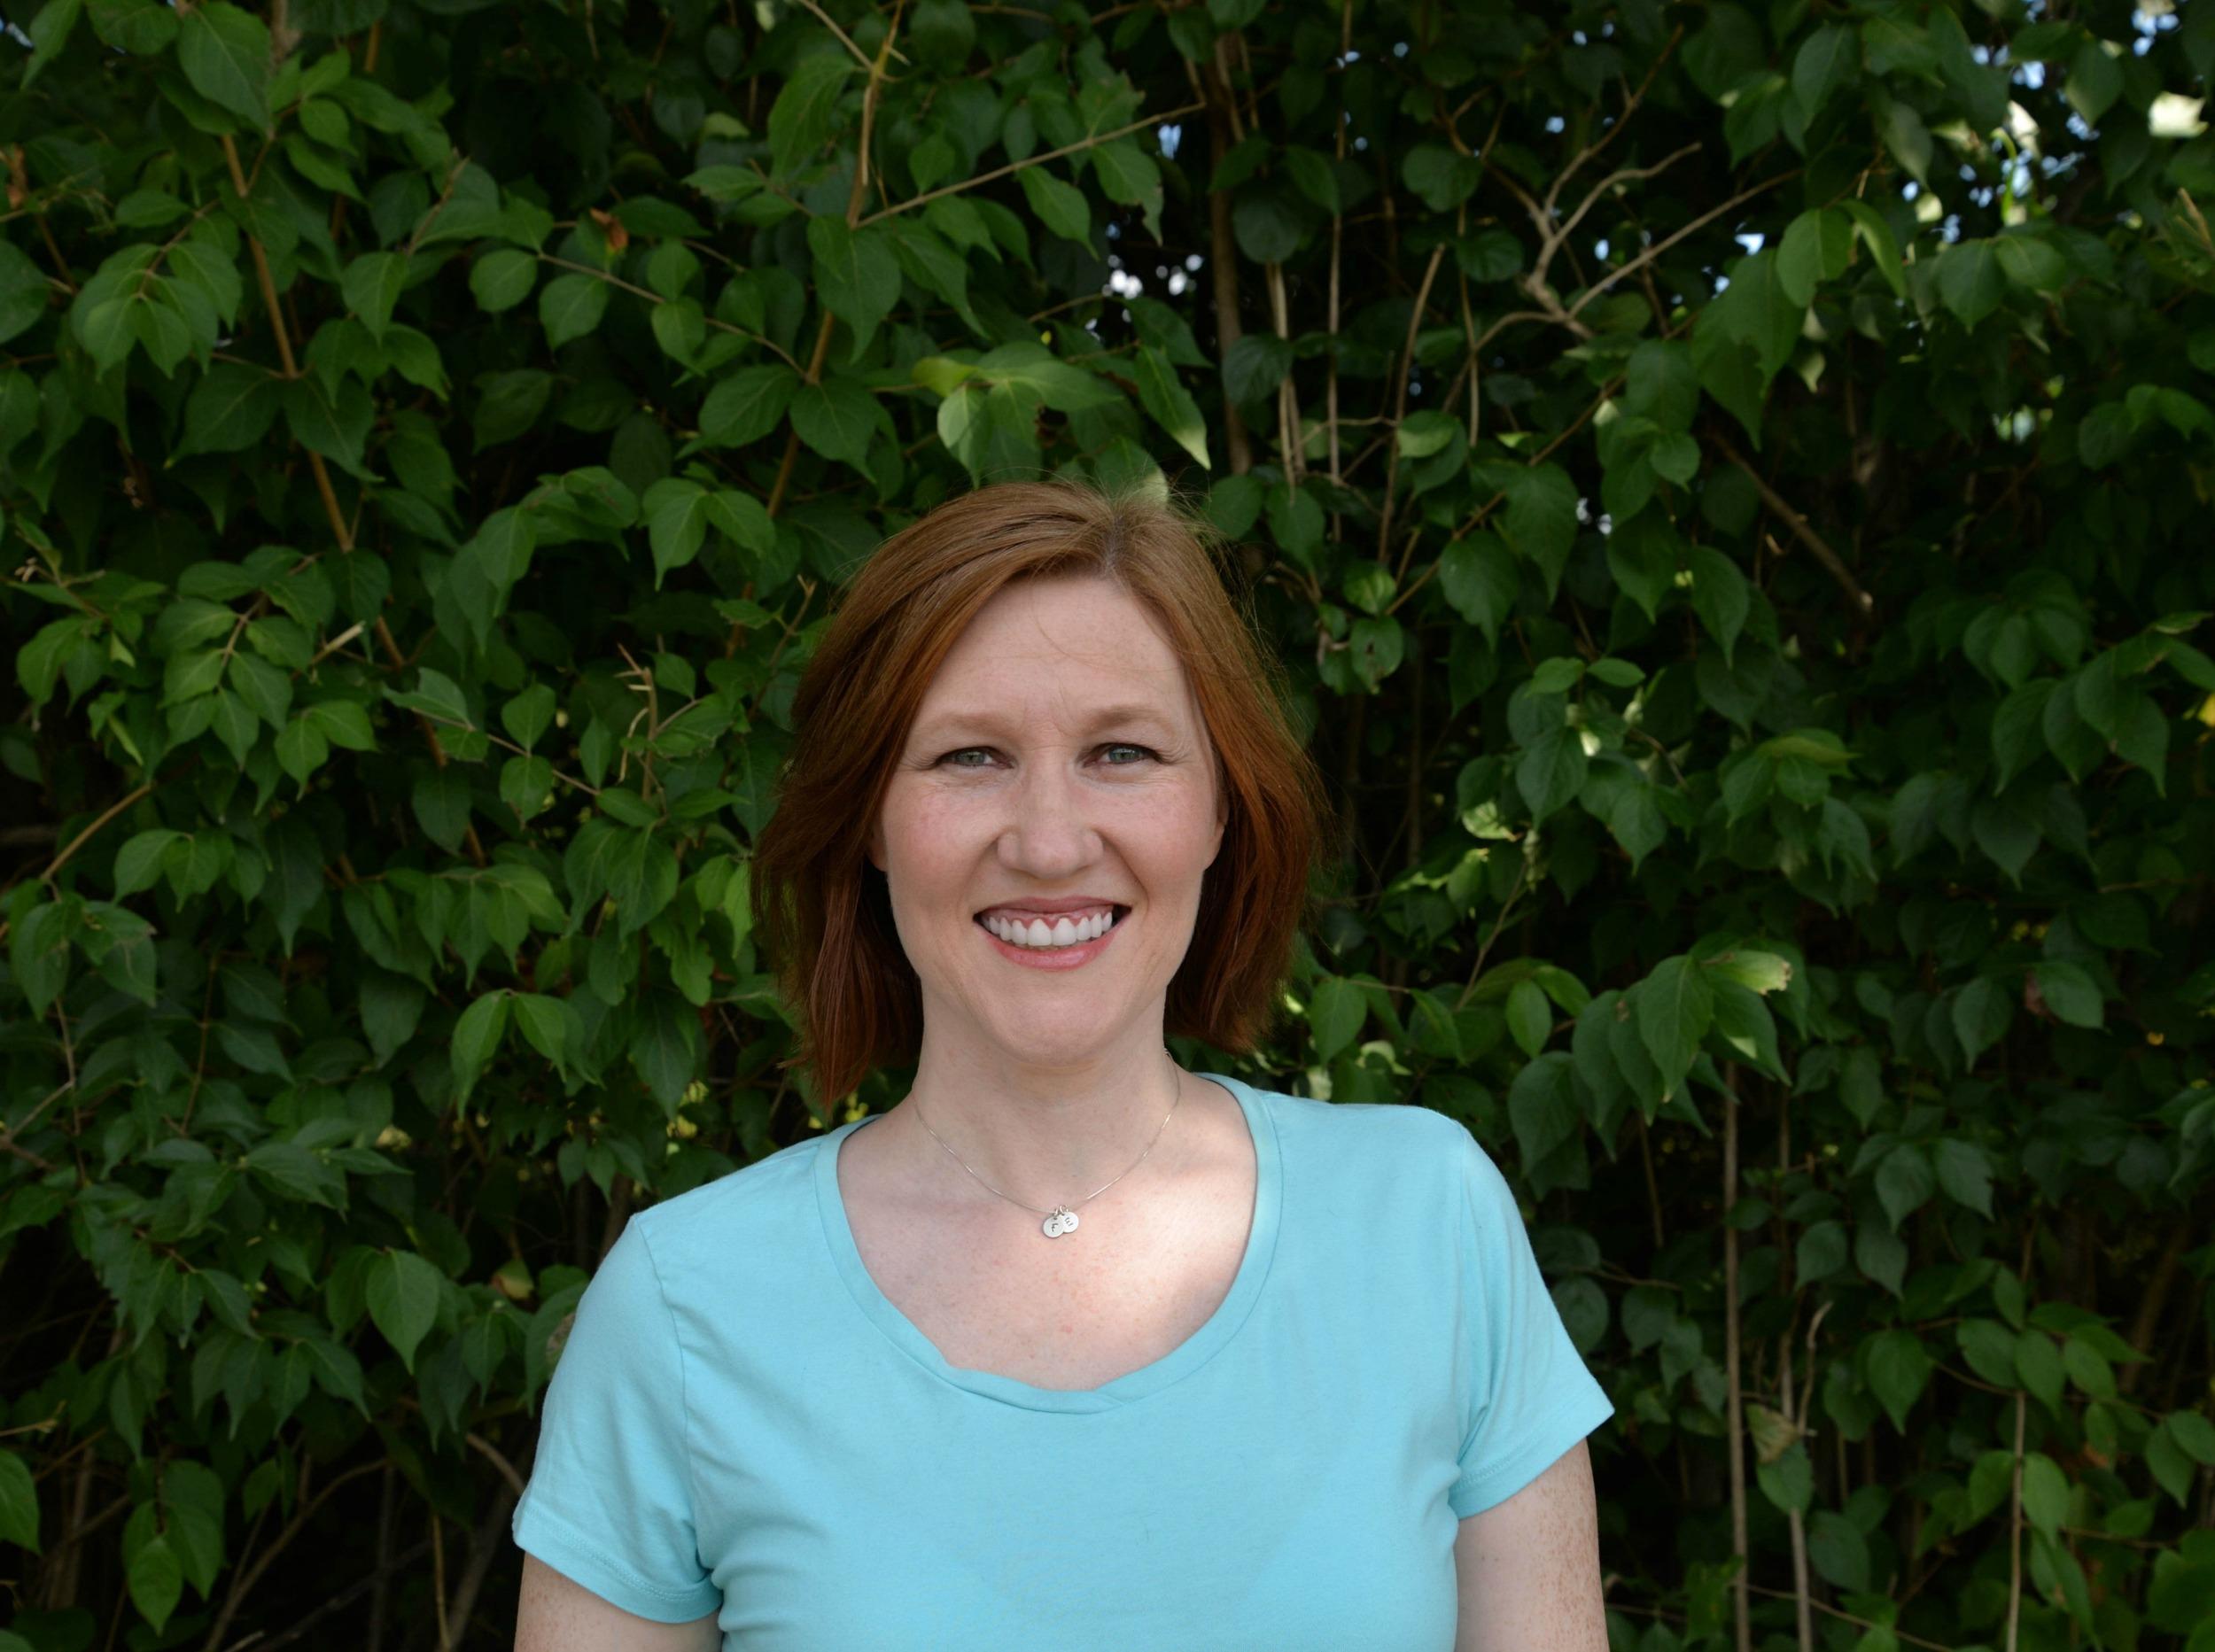 Leigh Schierholt, A/P and Payroll lschierholt@moodysofdayton.com